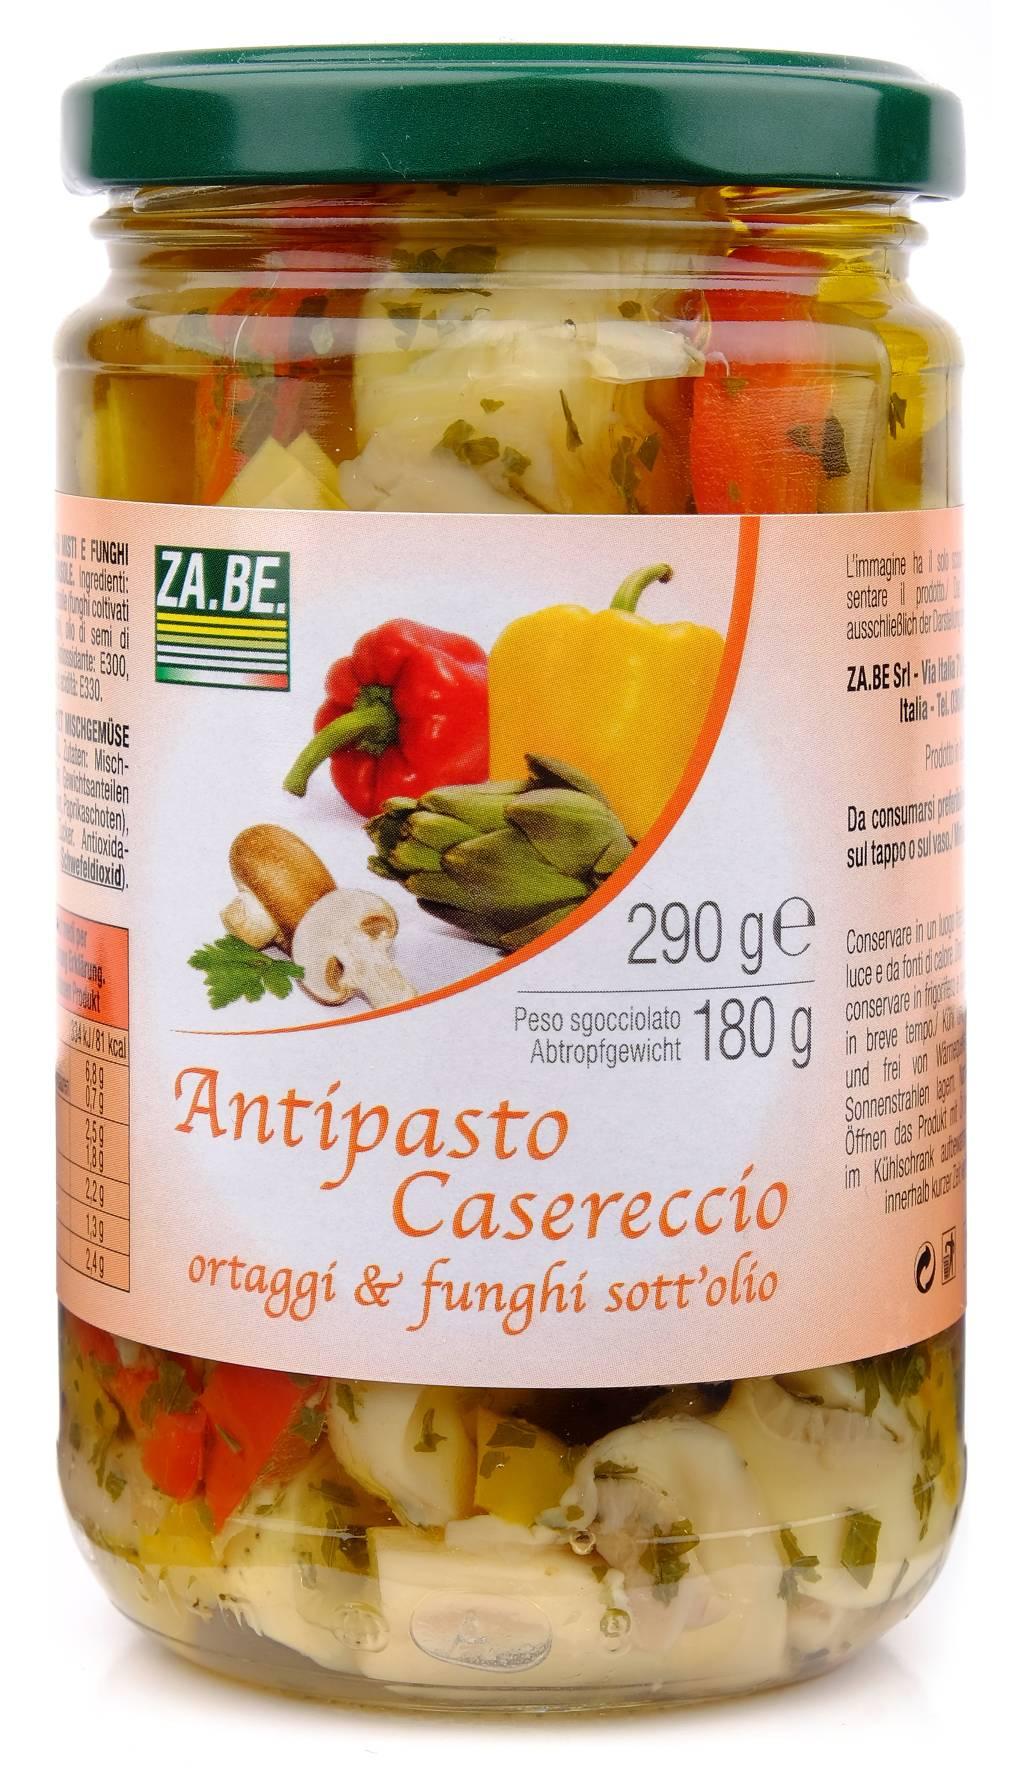 Antipasto Casereccio (3)